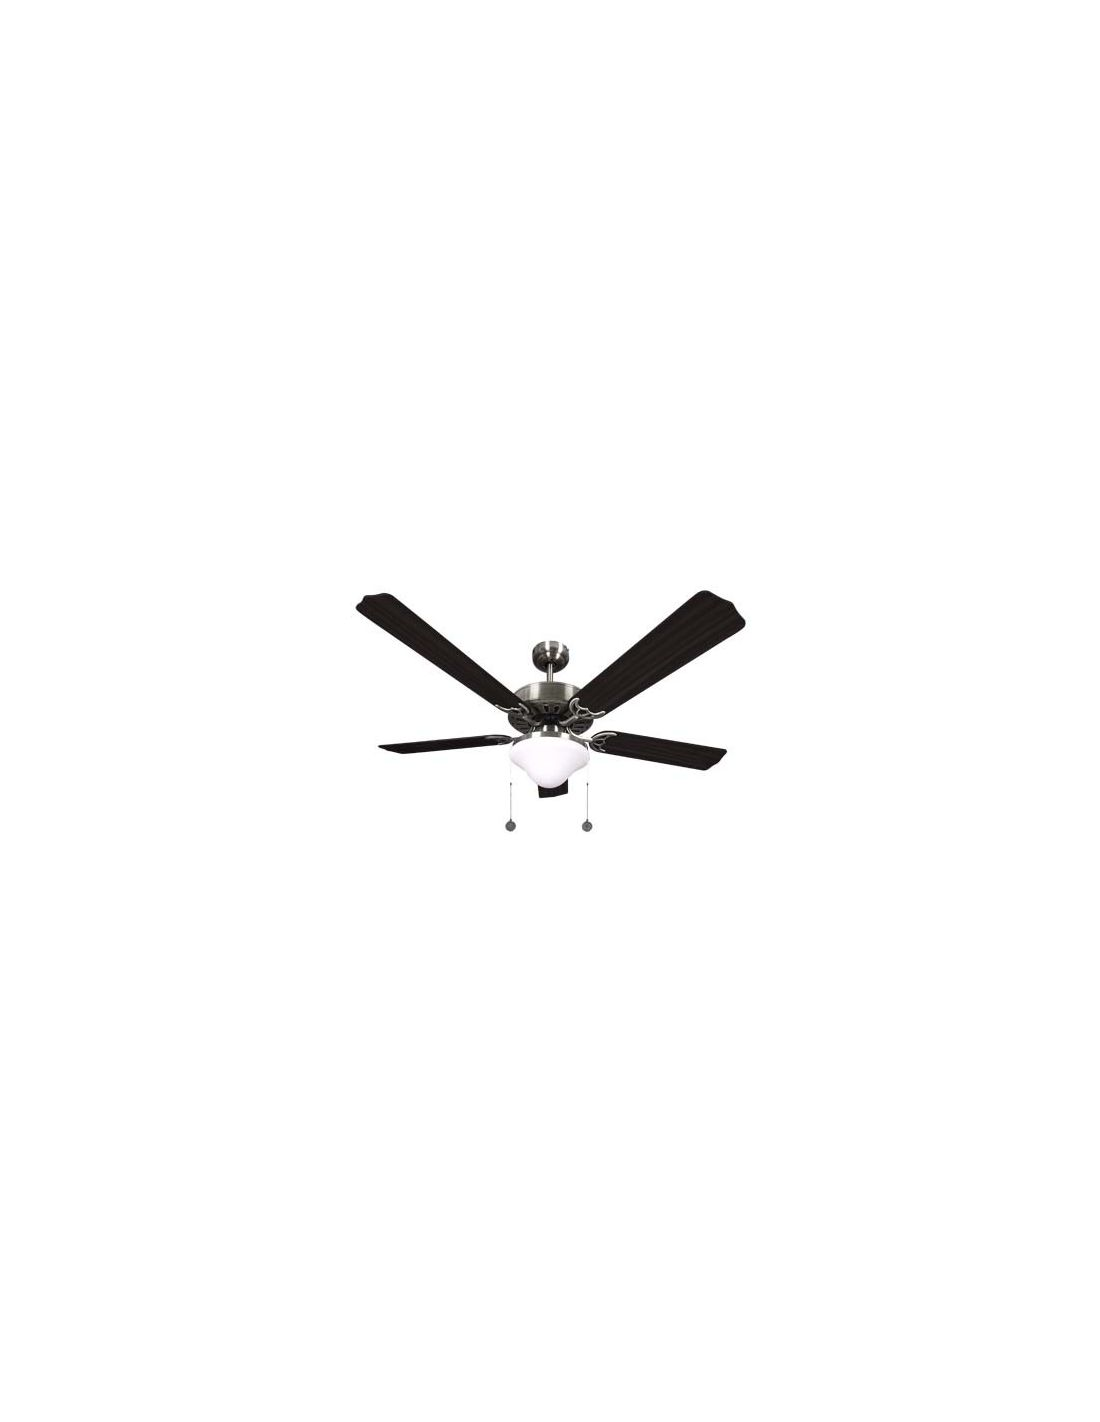 Ventiladores ventiladores on line ventiladores online - Luz de techo ...